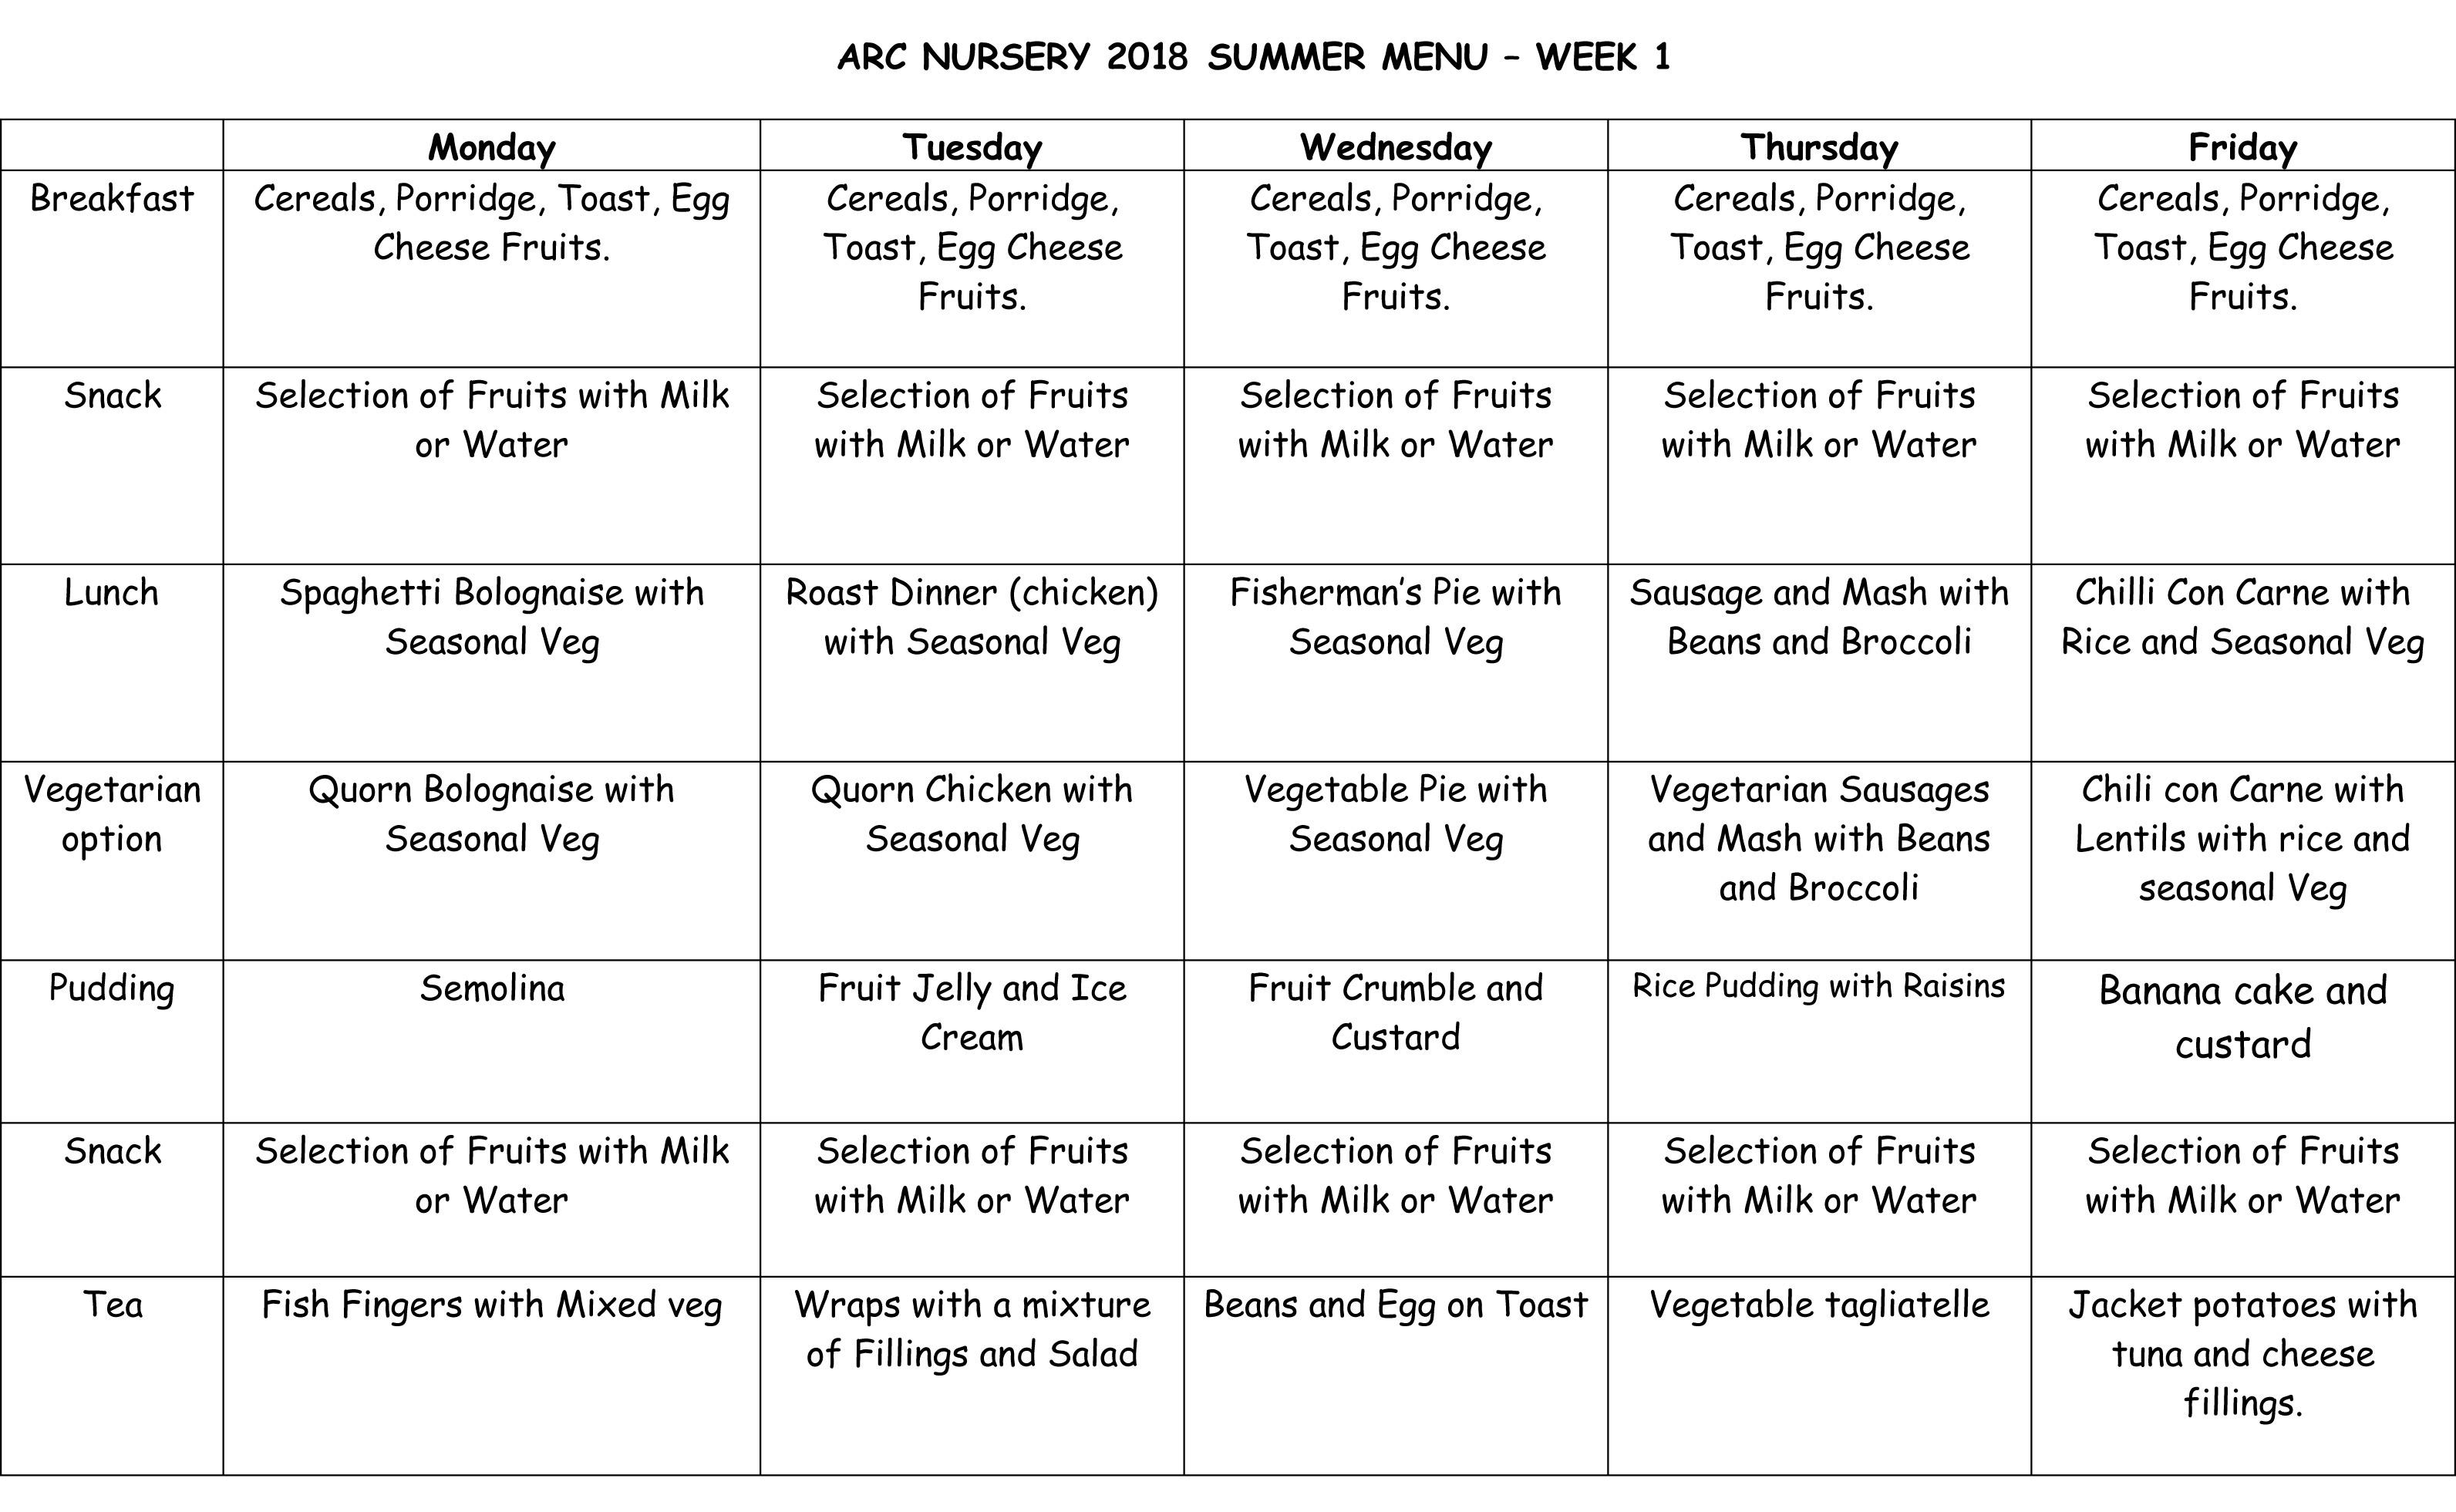 Arc Nursery 2018 Summer Menu - Week 1